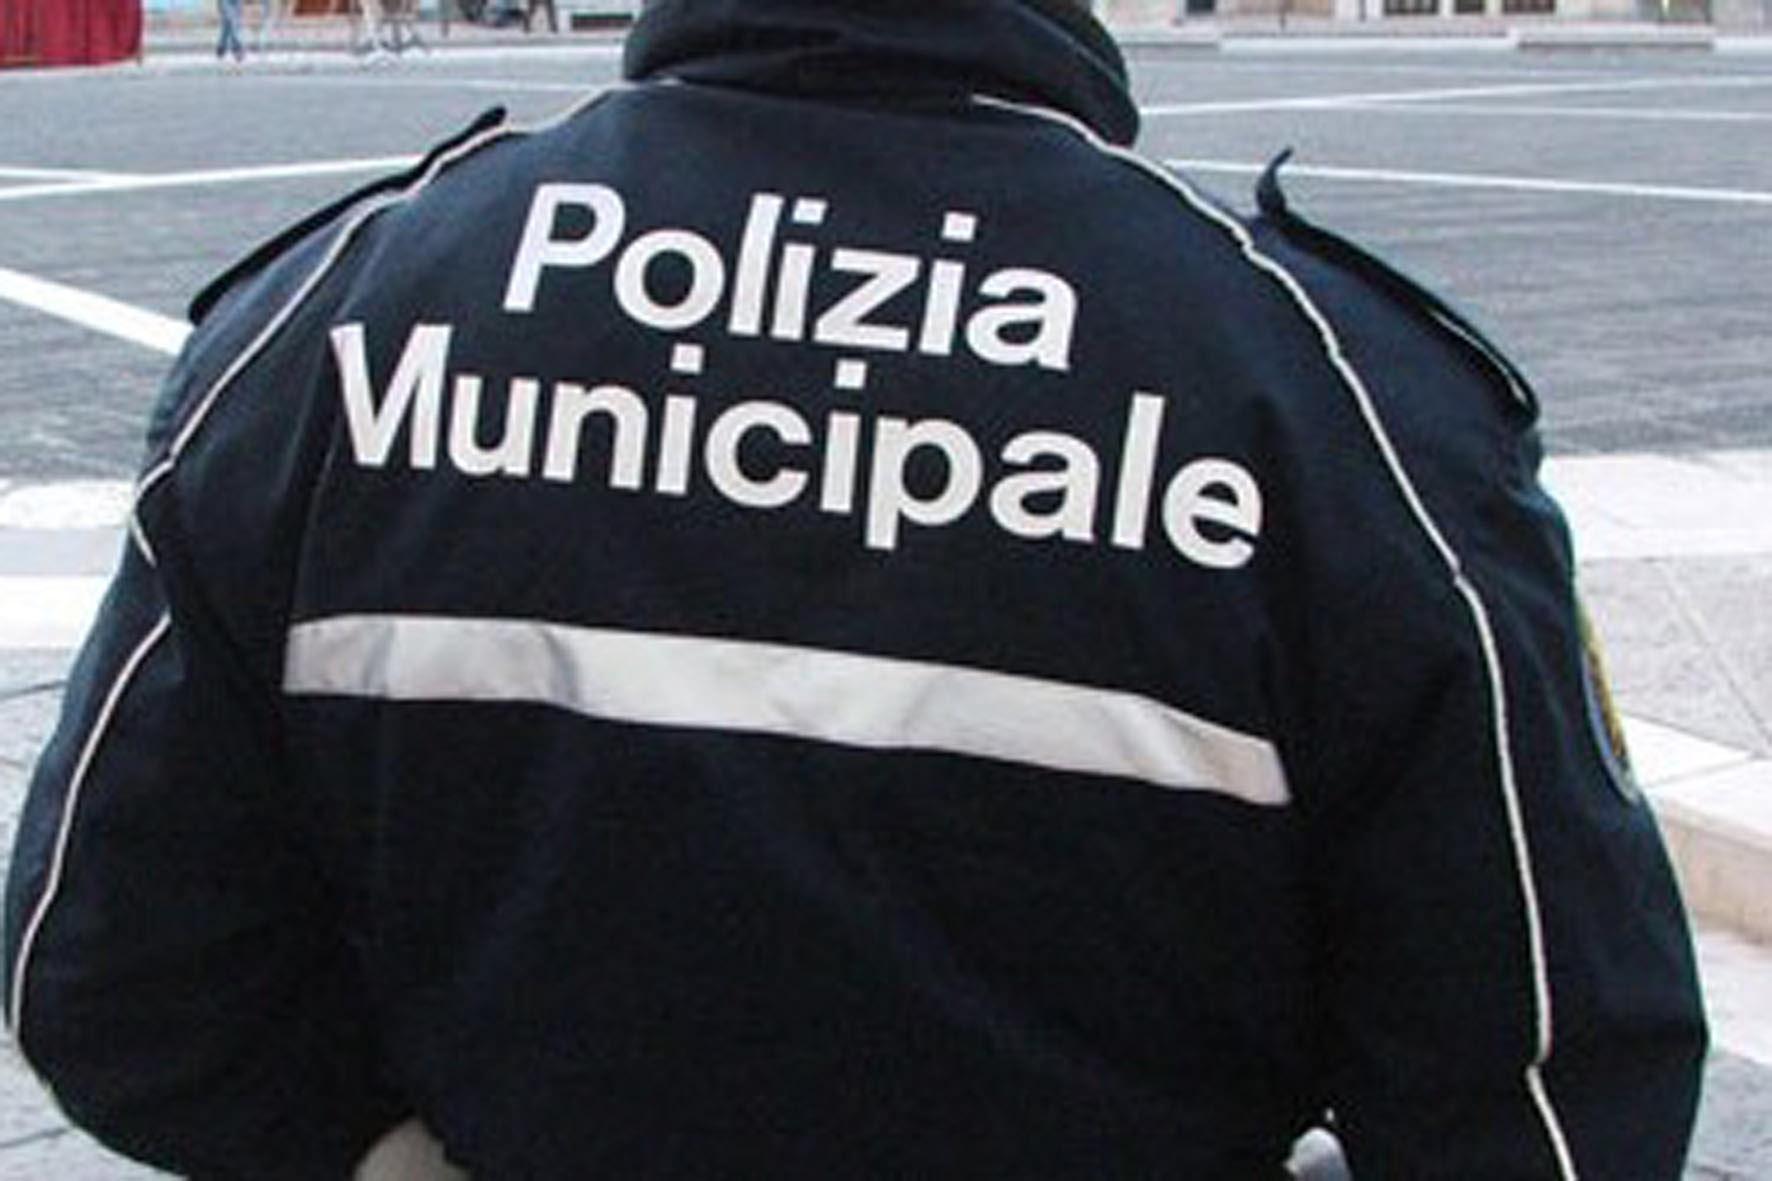 Omissione di soccorso: i Vigili cortonesi denunciano due automobilisti